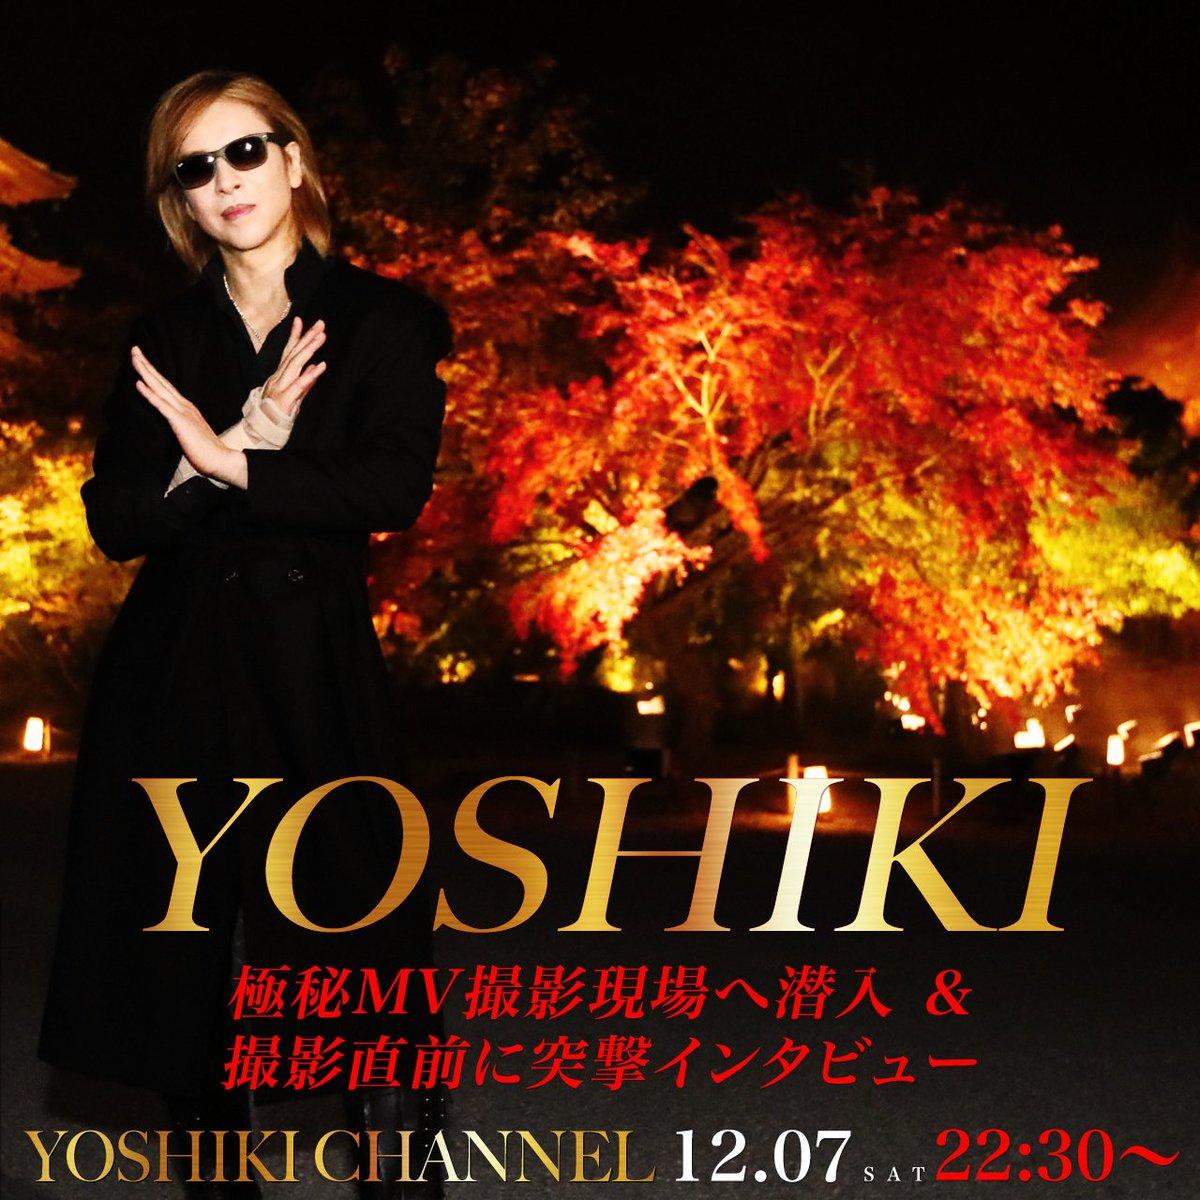 【生放送開始】#YOSHIKI #極秘MV 撮影現場へ潜入&撮影中に突撃インタビュー @YoshikiOfficial